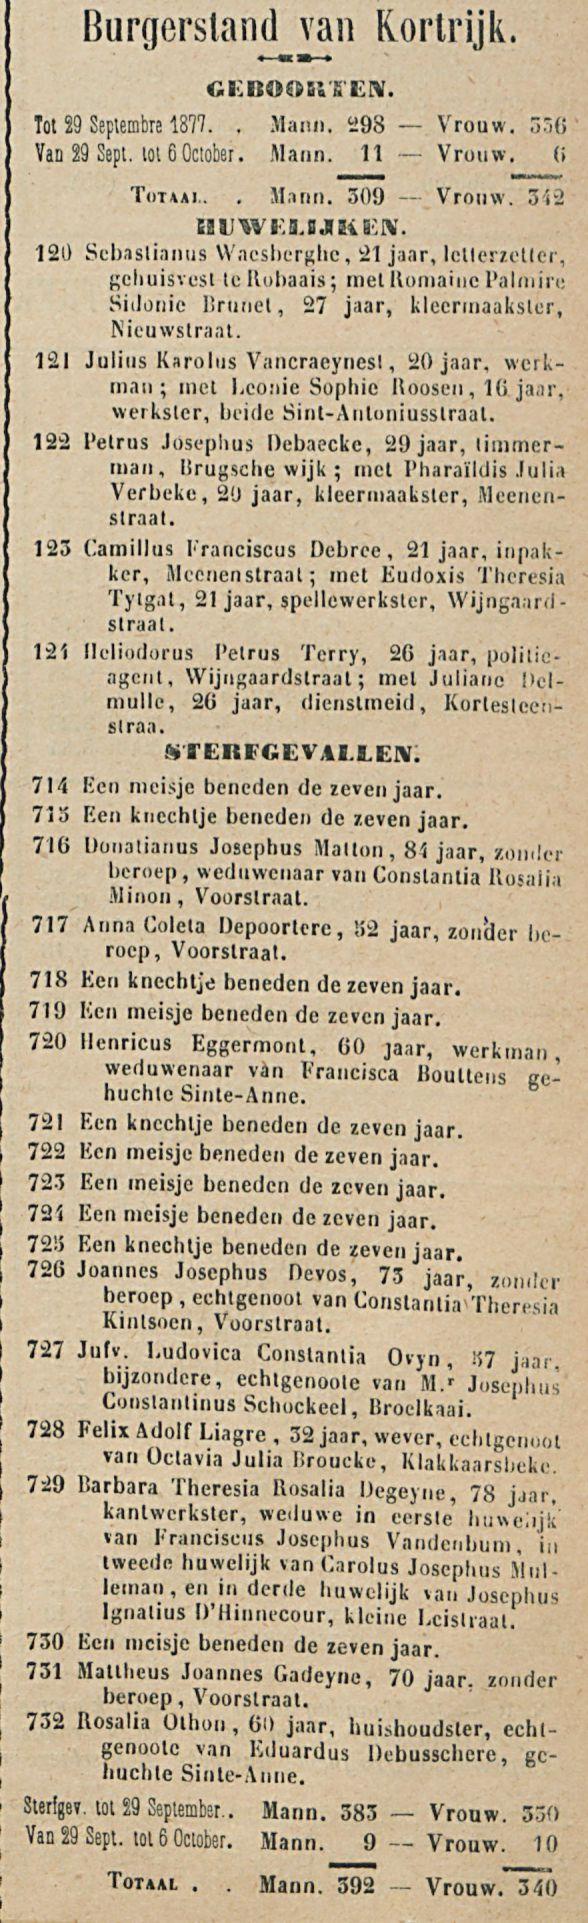 Burgersland van Kortrijk.